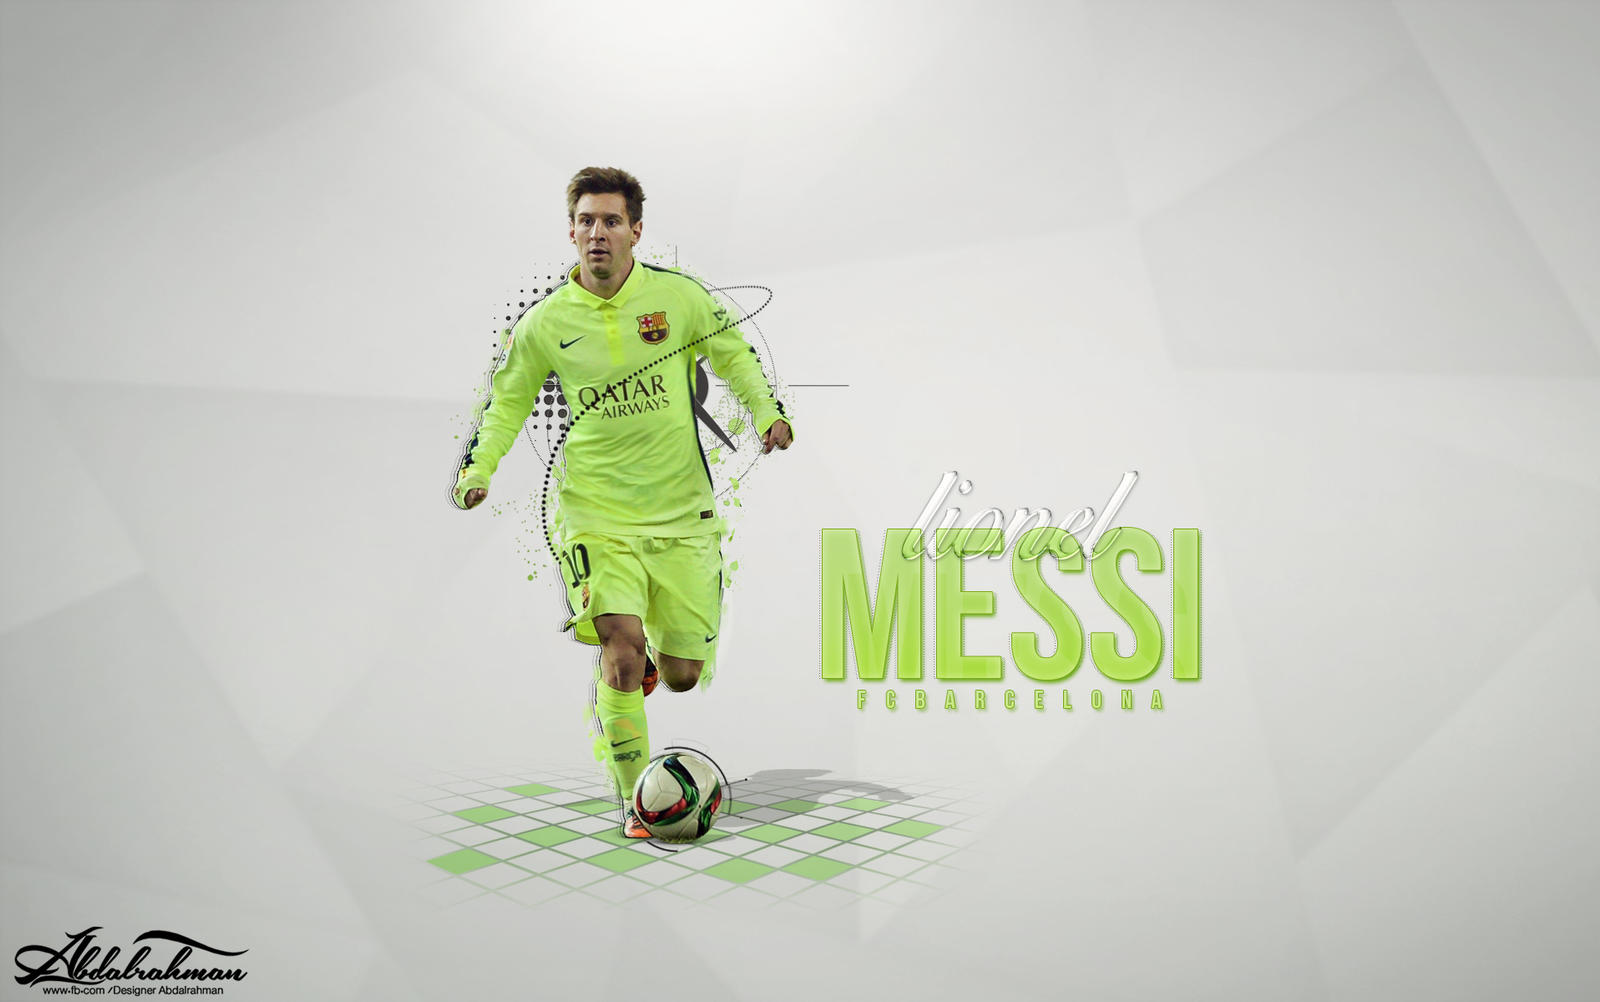 Wallpaper Lionel Messi 2015 By Designer-Abdalrahman On